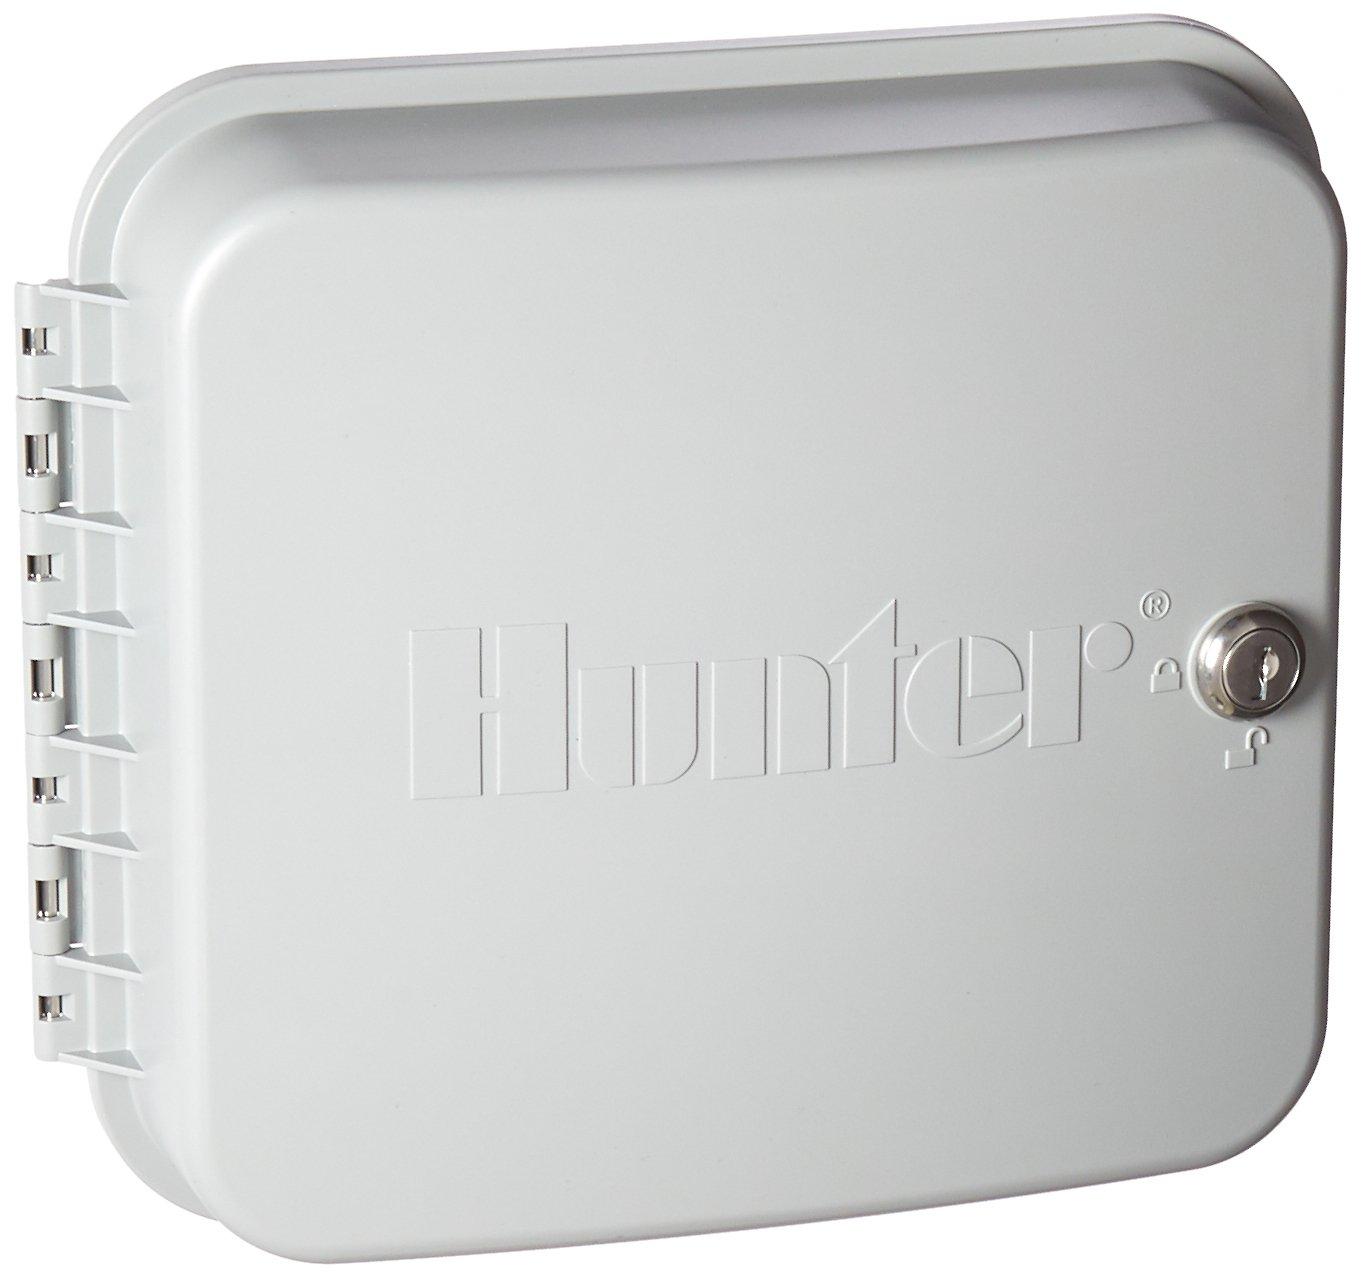 Hunter Sprinkler PCC600 PCC 6-Station Outdoor Irrigation Controller